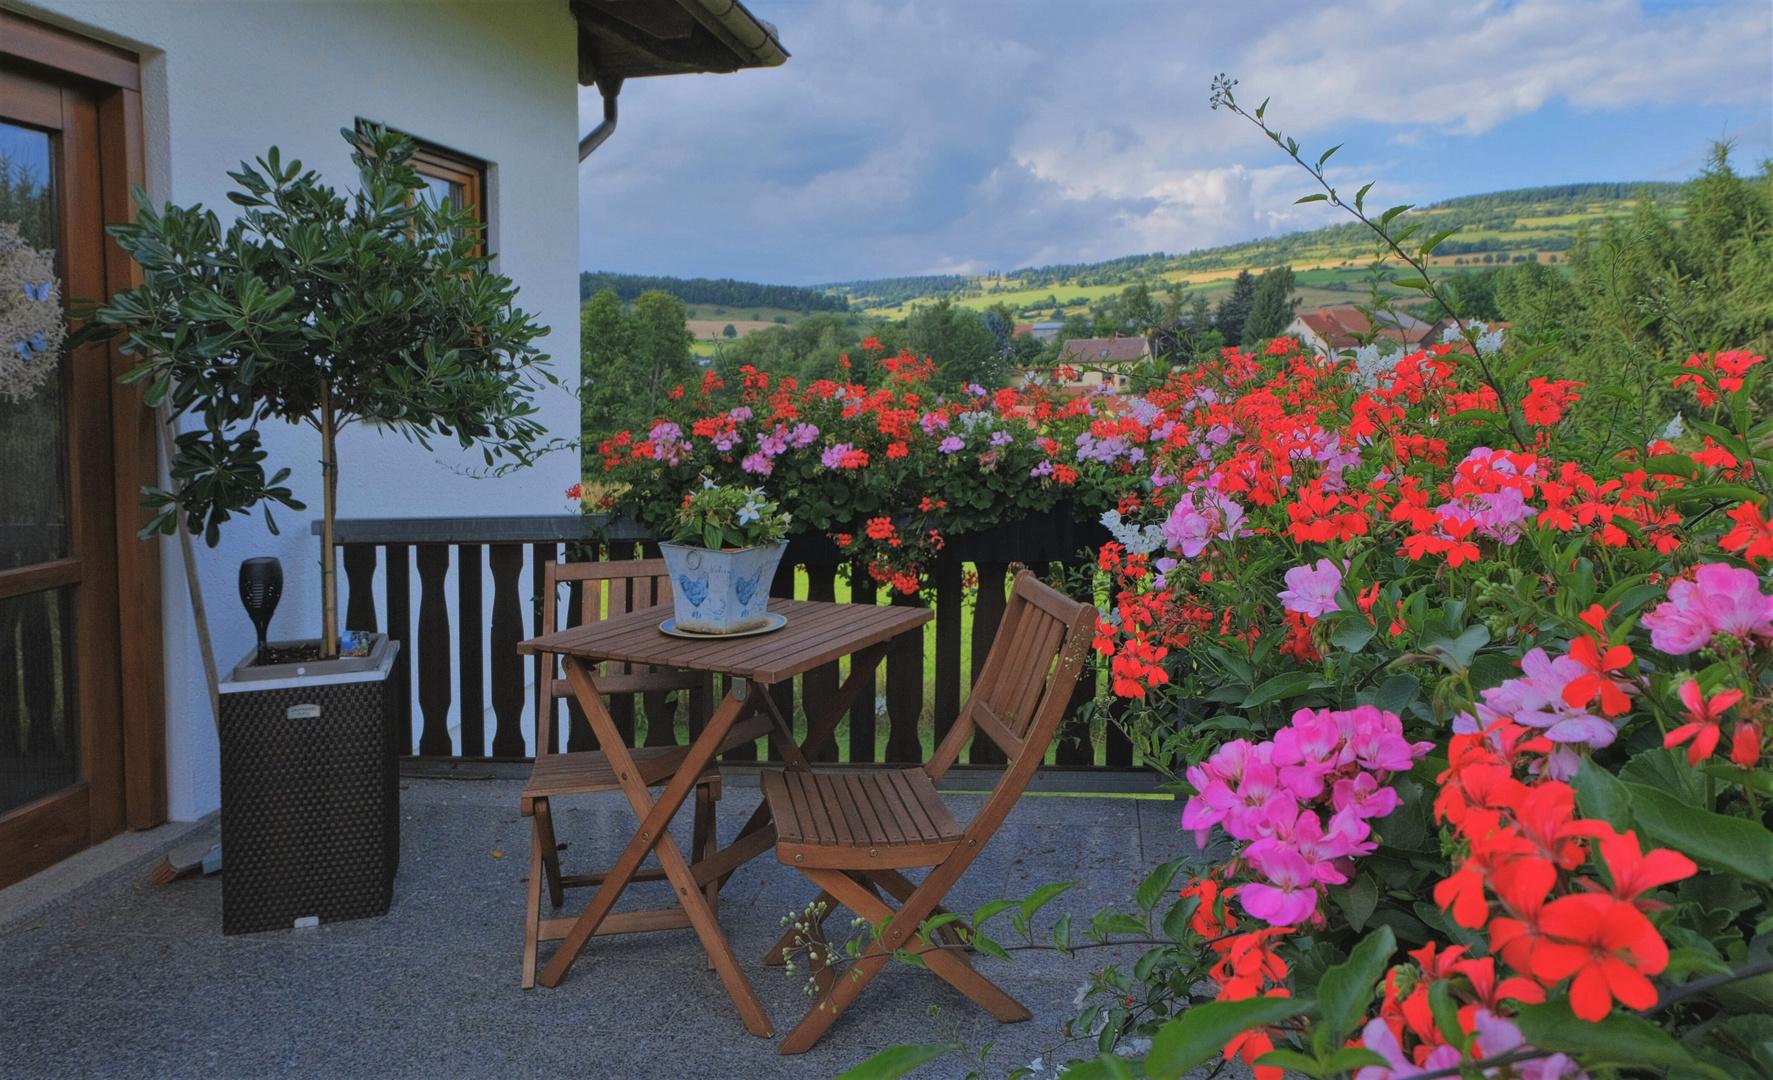 unser Hauseingang (la entrada de nuestra casa)